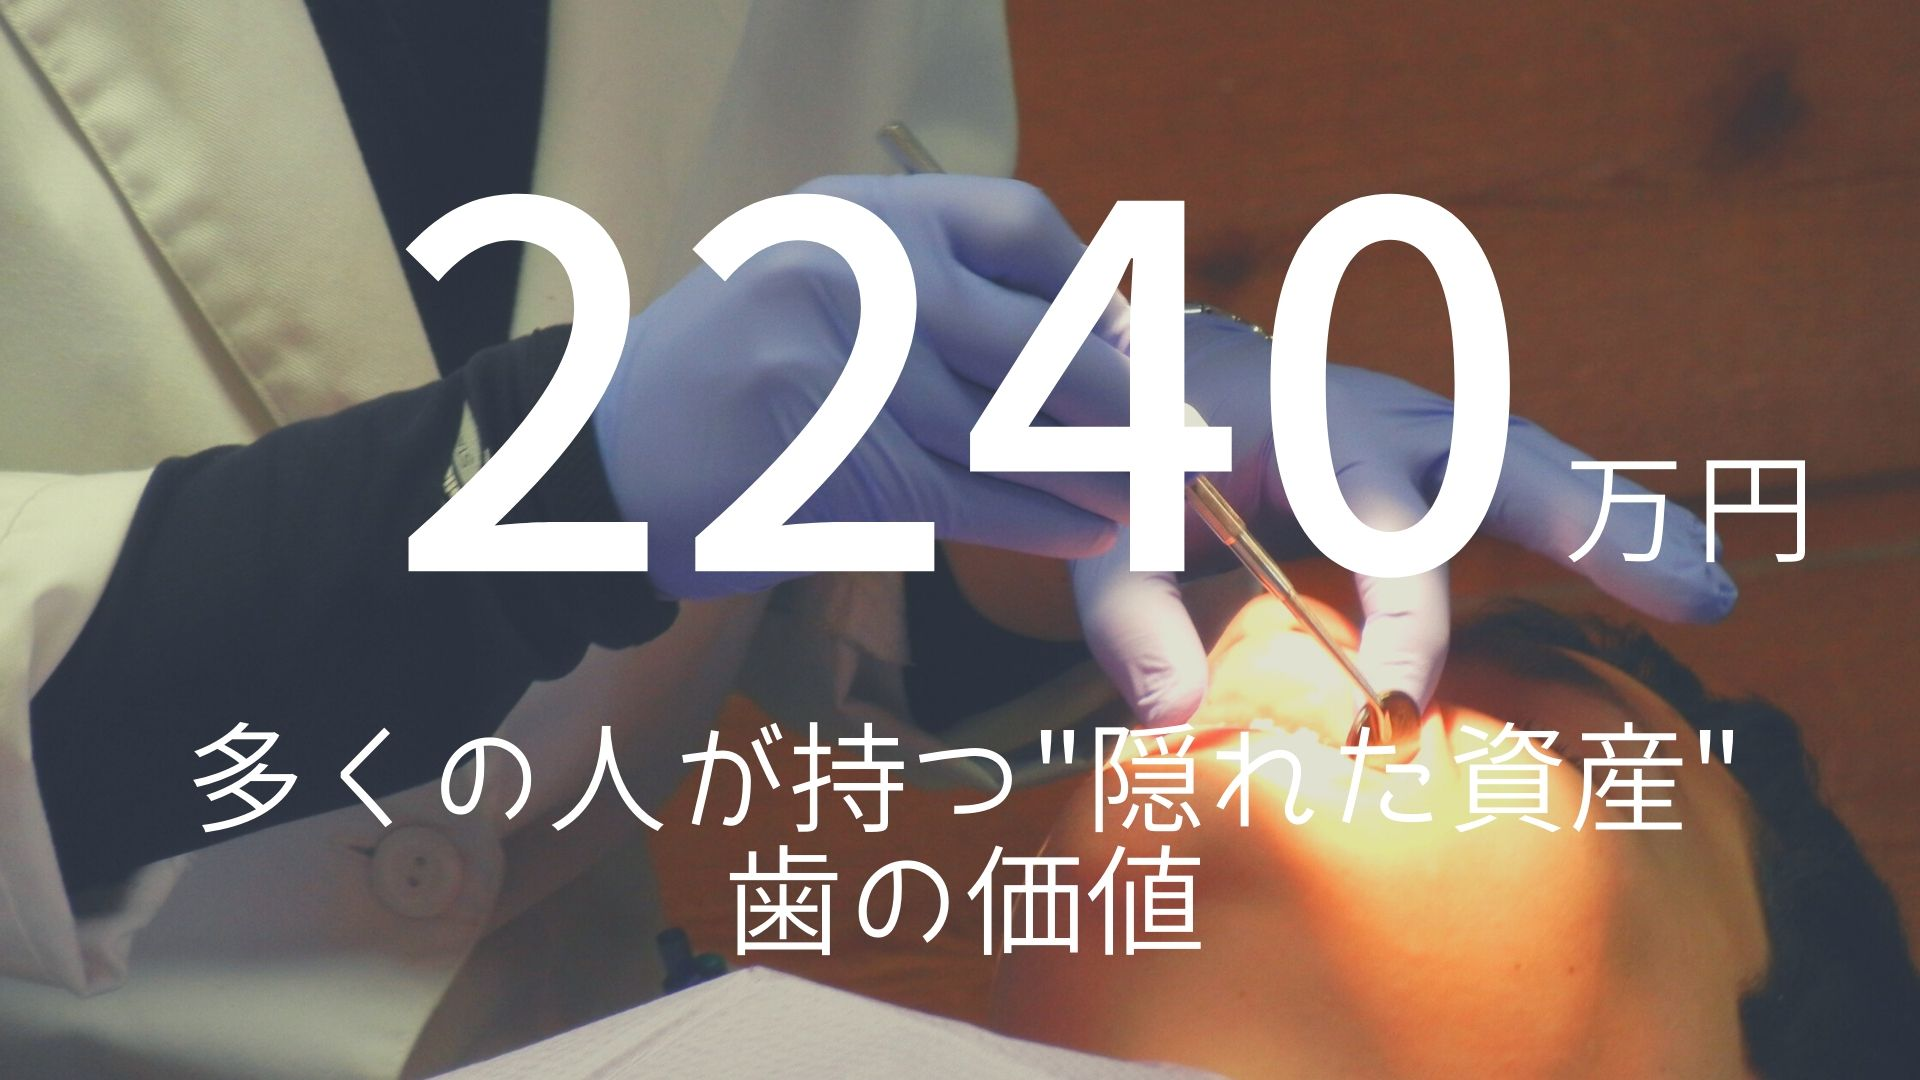 """「2240万円」 >>> 多くの人が持つ""""隠れた資産""""。歯の価値。"""